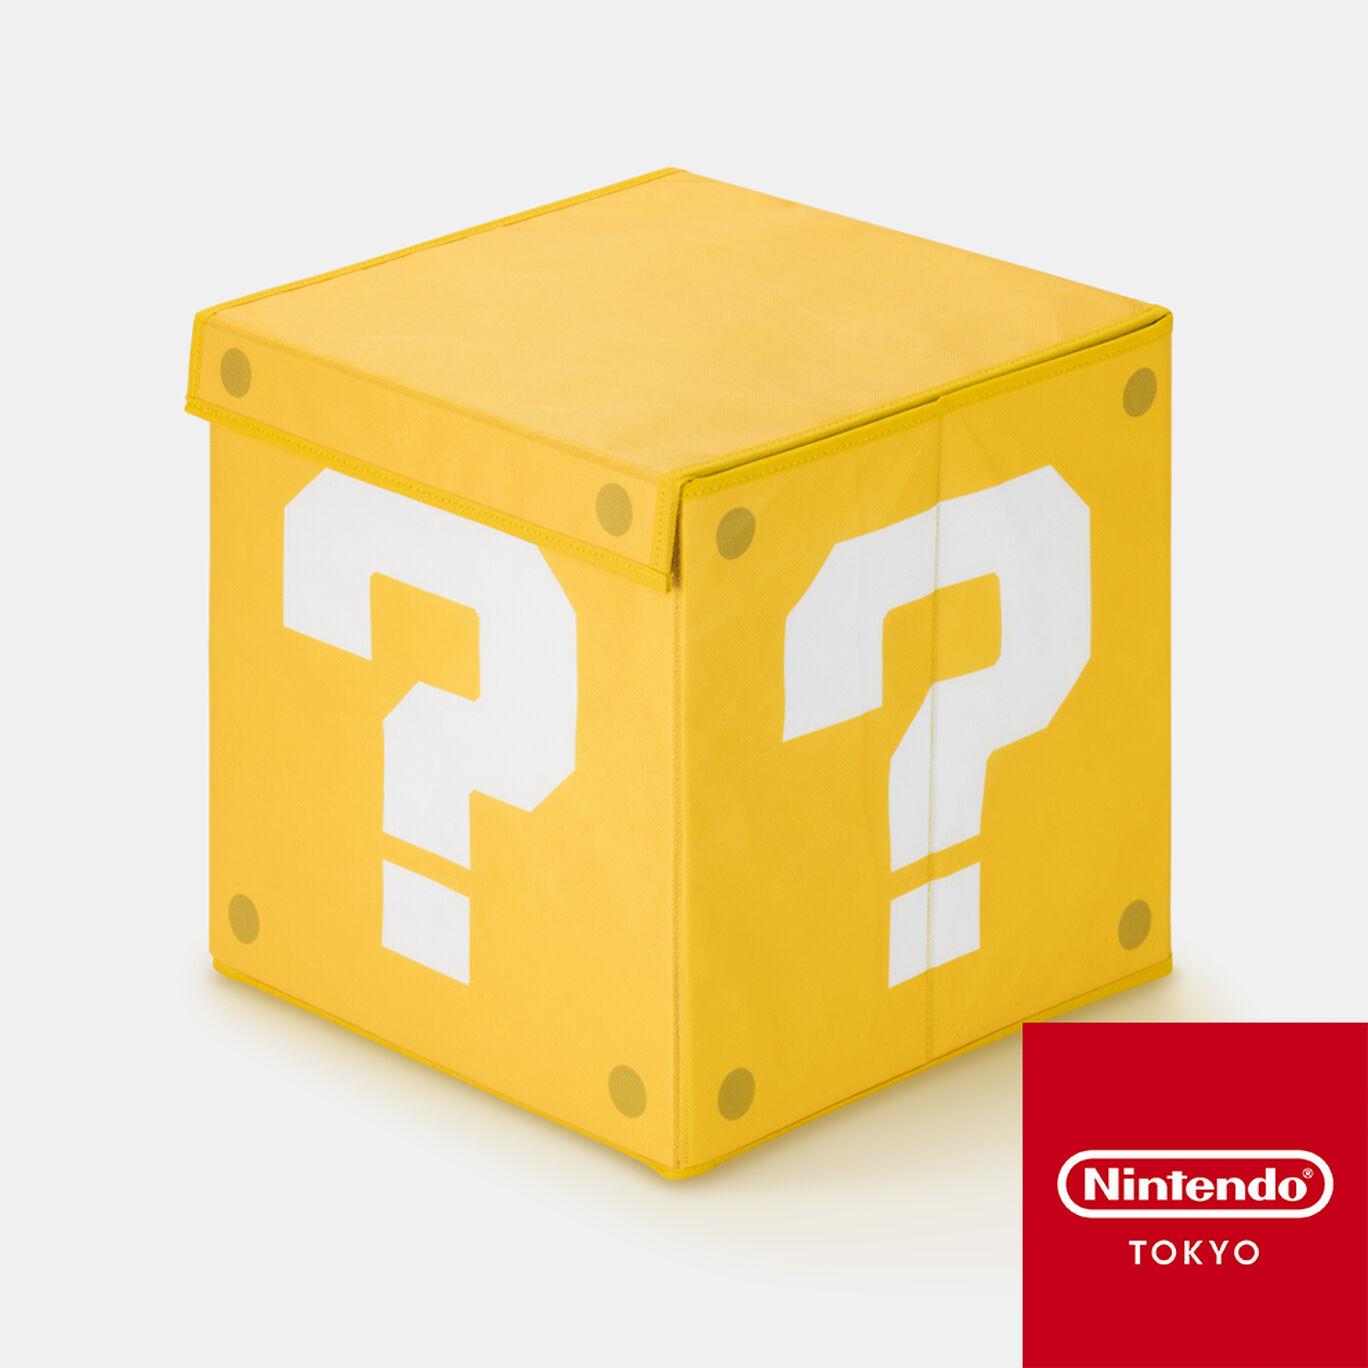 収納箱 スーパーマリオ ハテナブロック【Nintendo TOKYO取り扱い商品】